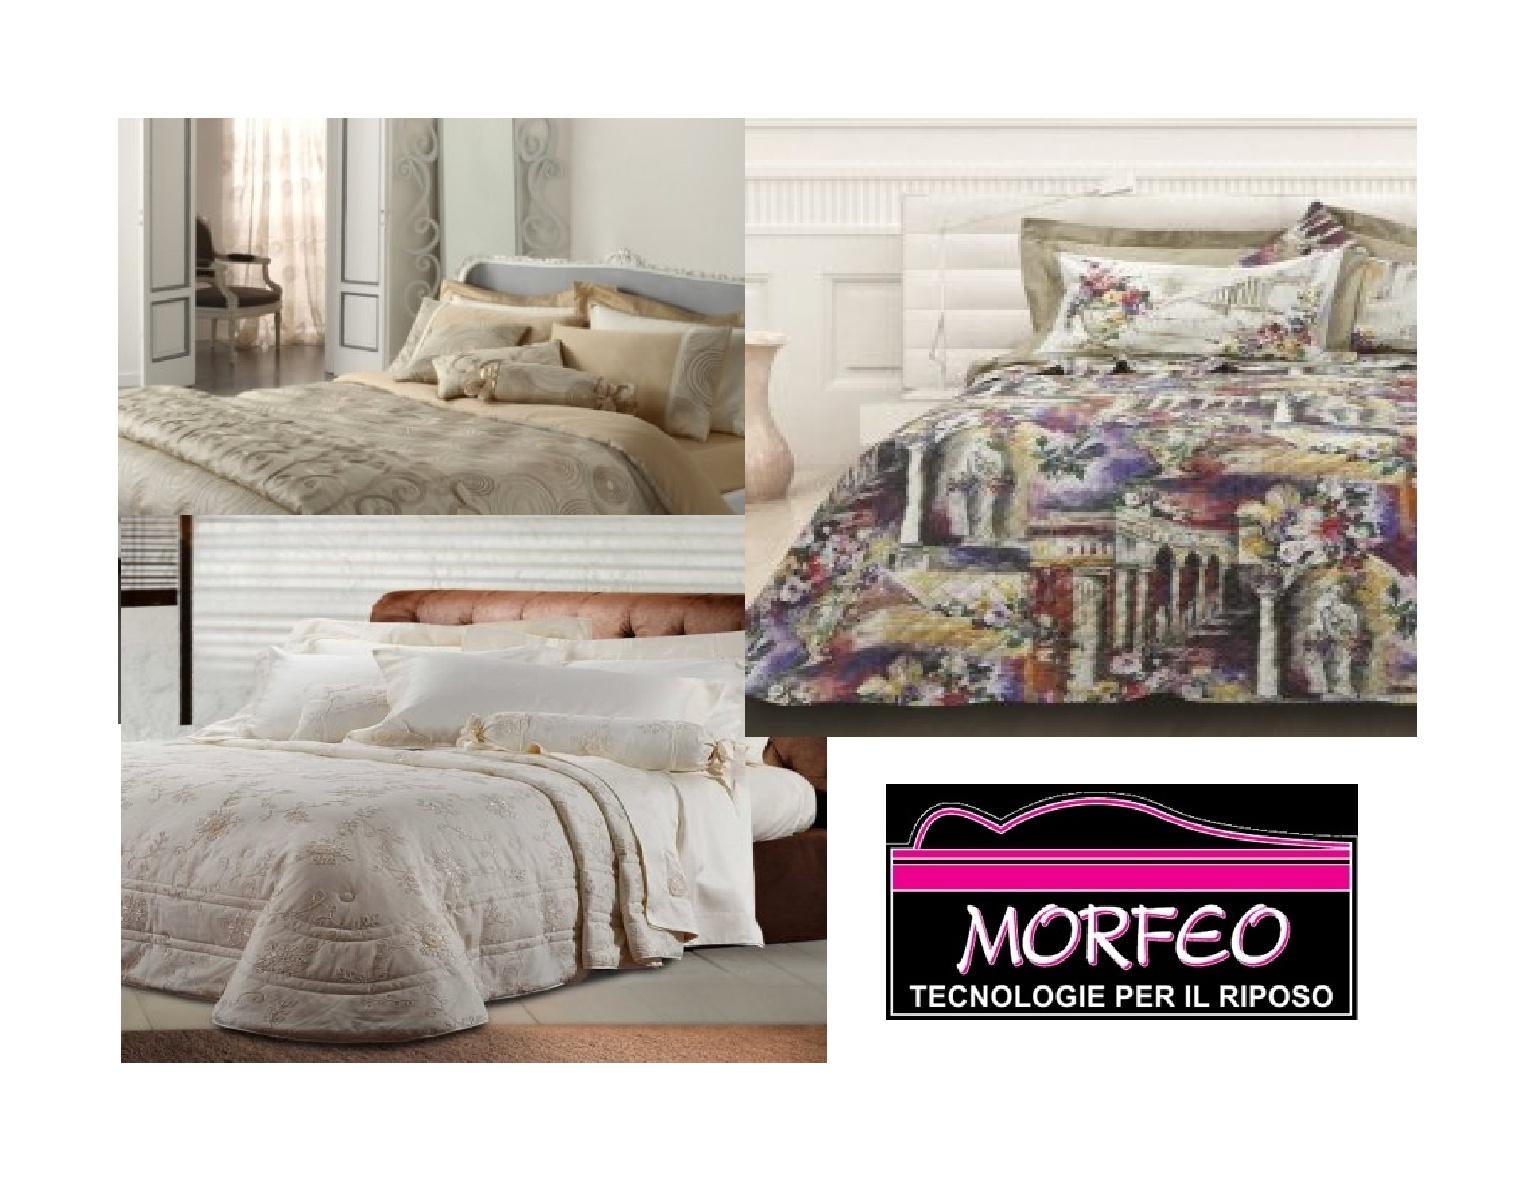 Morfeo biancheria per il letto catanzaro cz - Vestire il letto ...